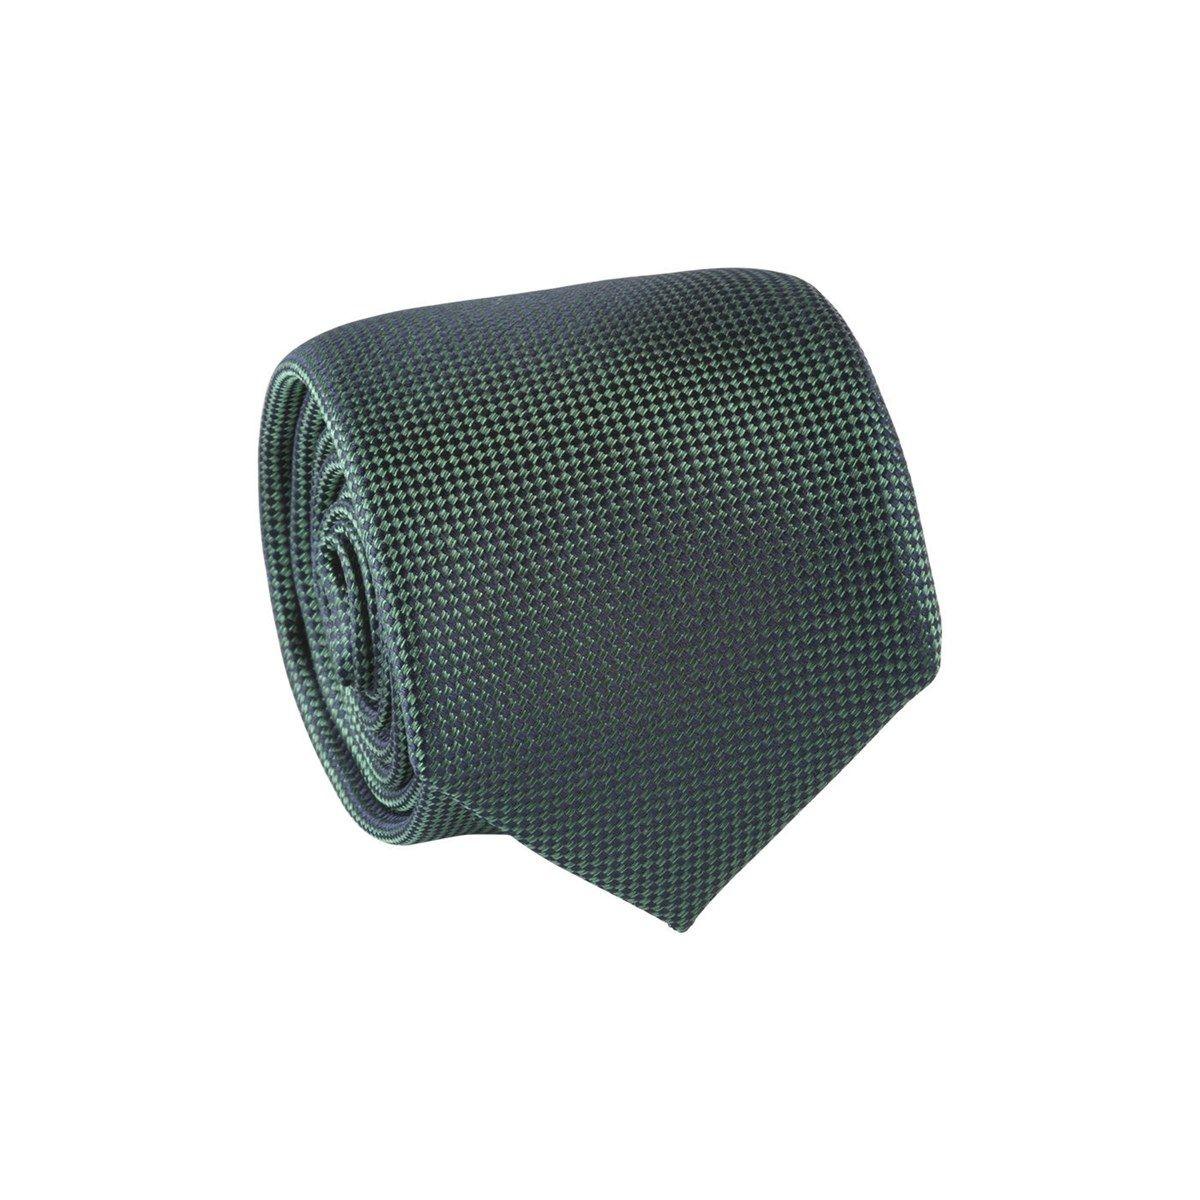 Cravate 100% soie imprimé géométrique